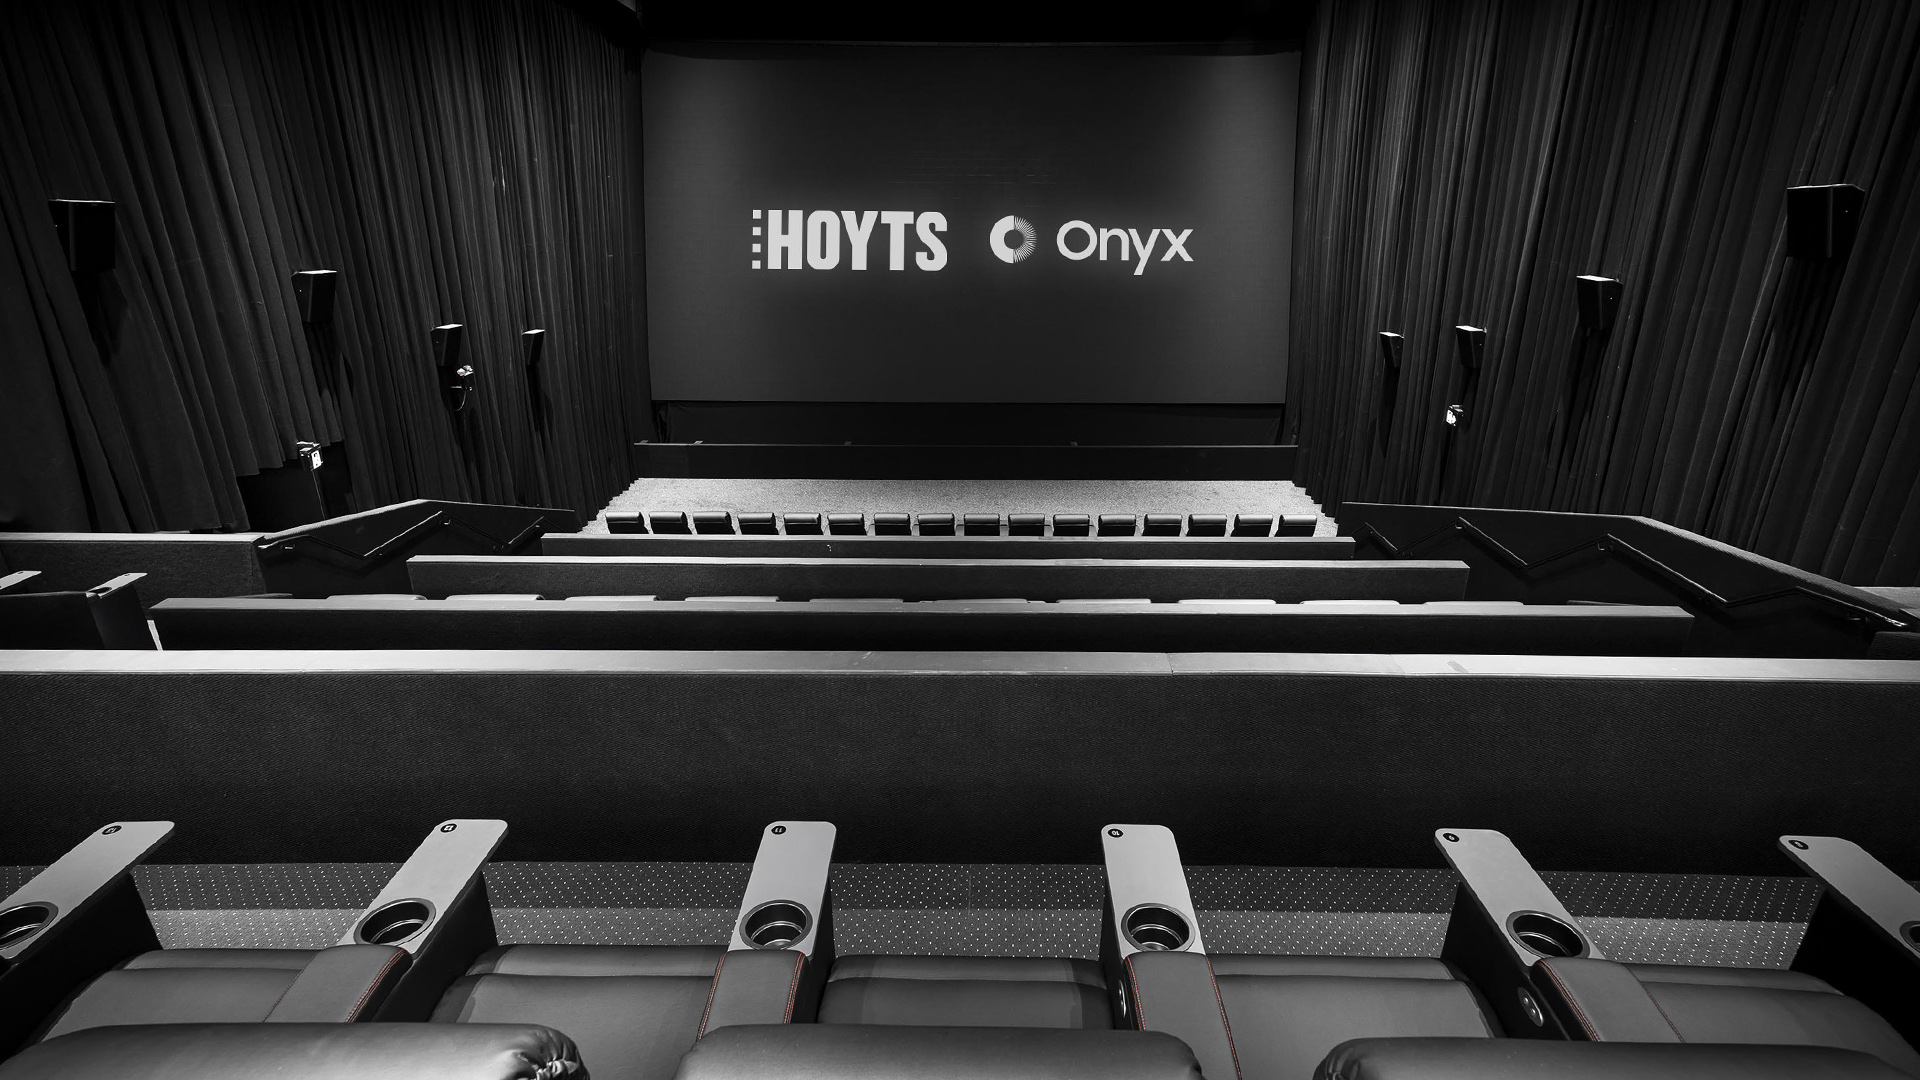 Samsung et Hoyst collabore pour proposer le premier écran LED de cinéma en Australie